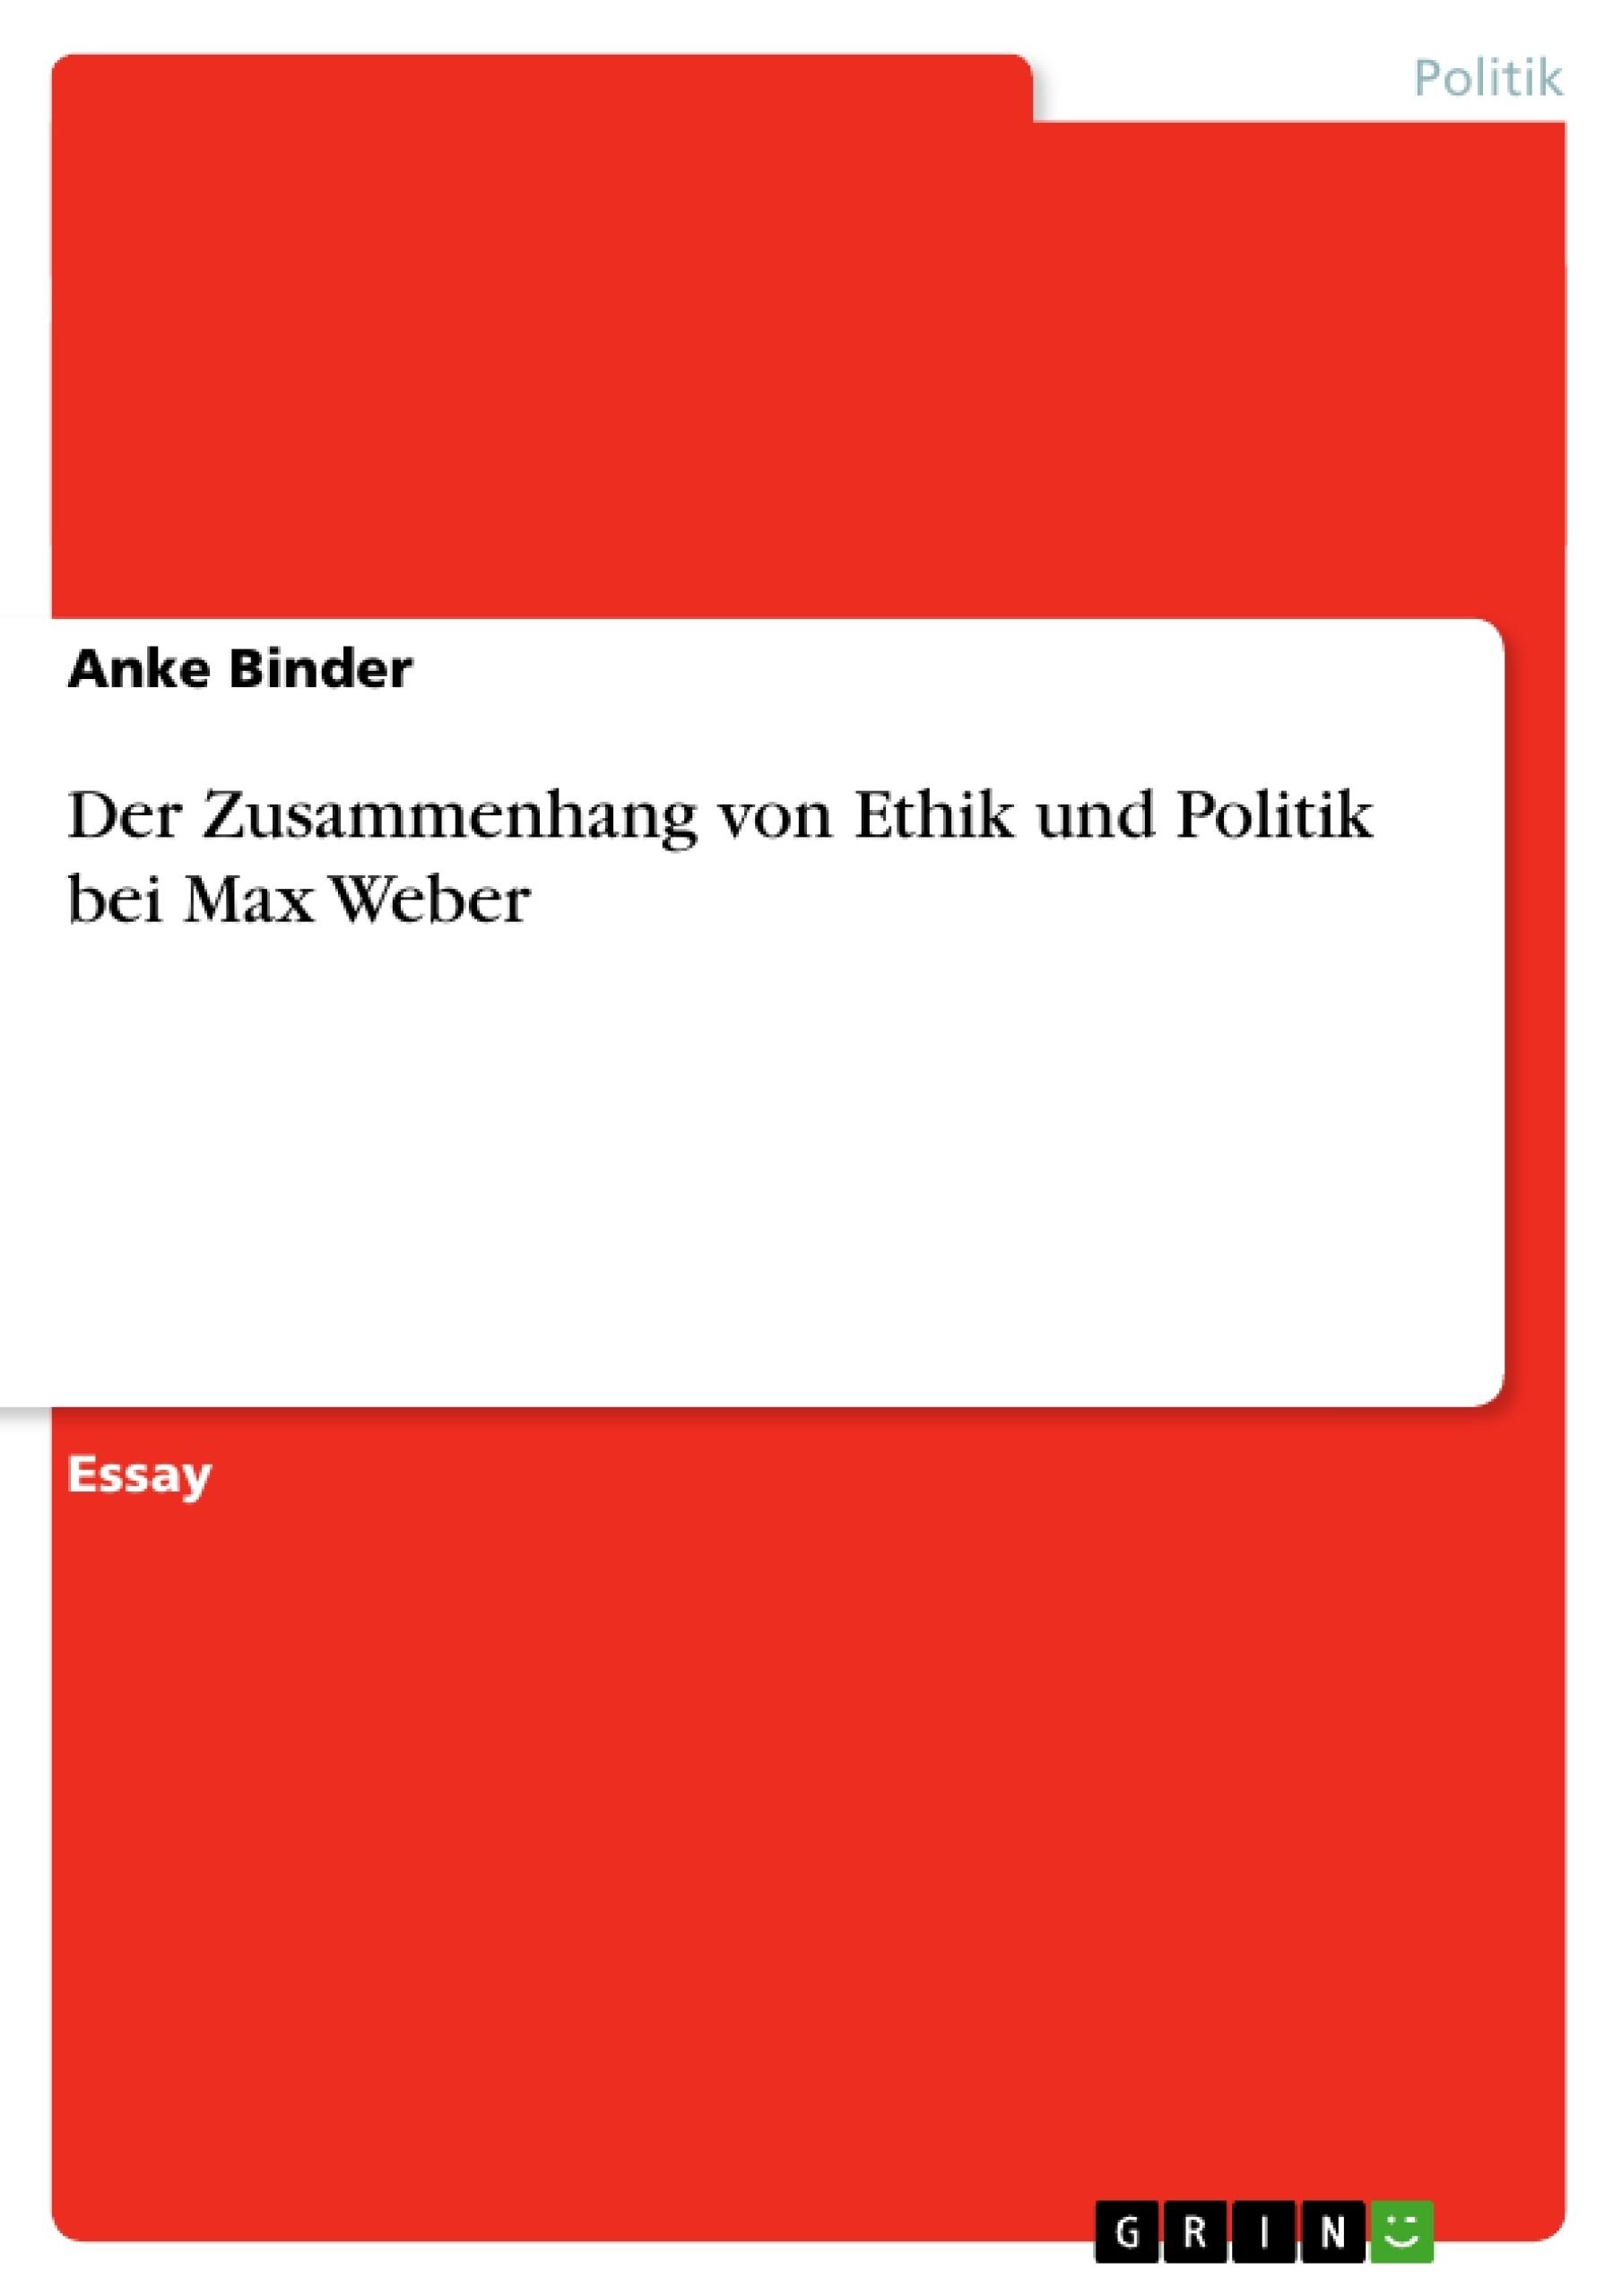 Titel: Der Zusammenhang von Ethik und Politik bei Max Weber